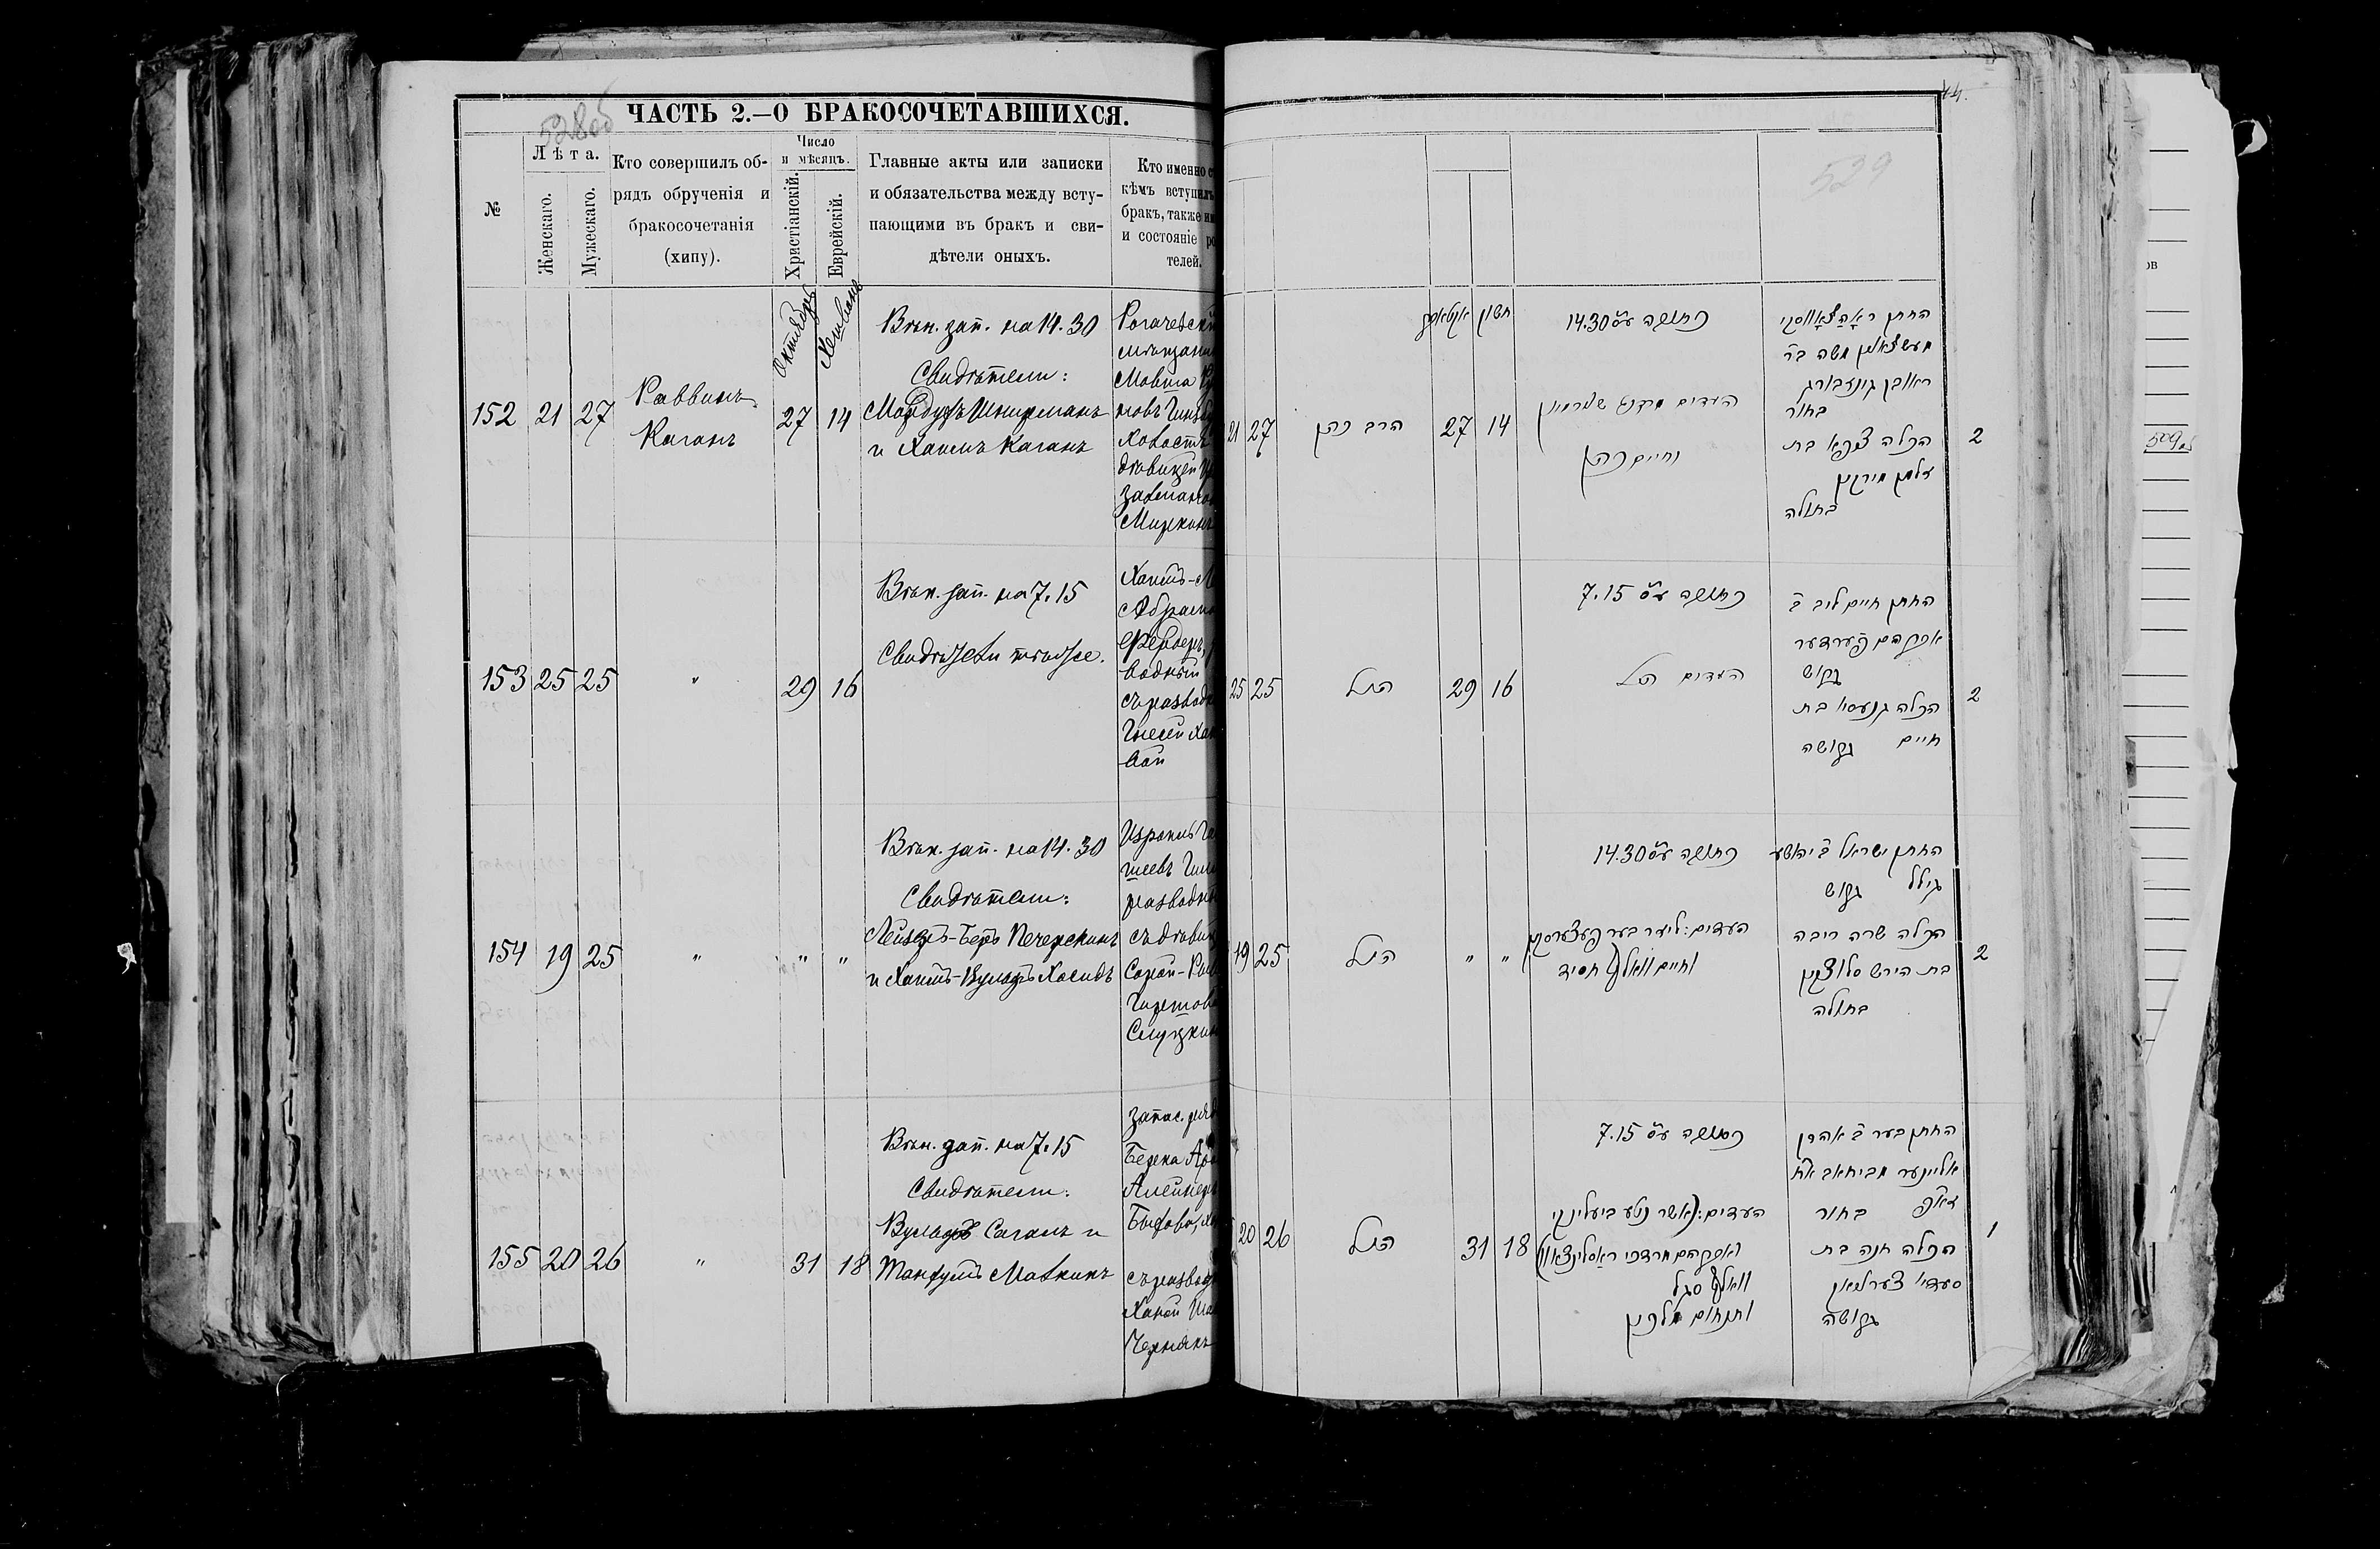 Мавша Гинзбург с Цвиеей Залмановной Миркиной 27 октября 1889, запись 152, пленка 007766484, снимок 813